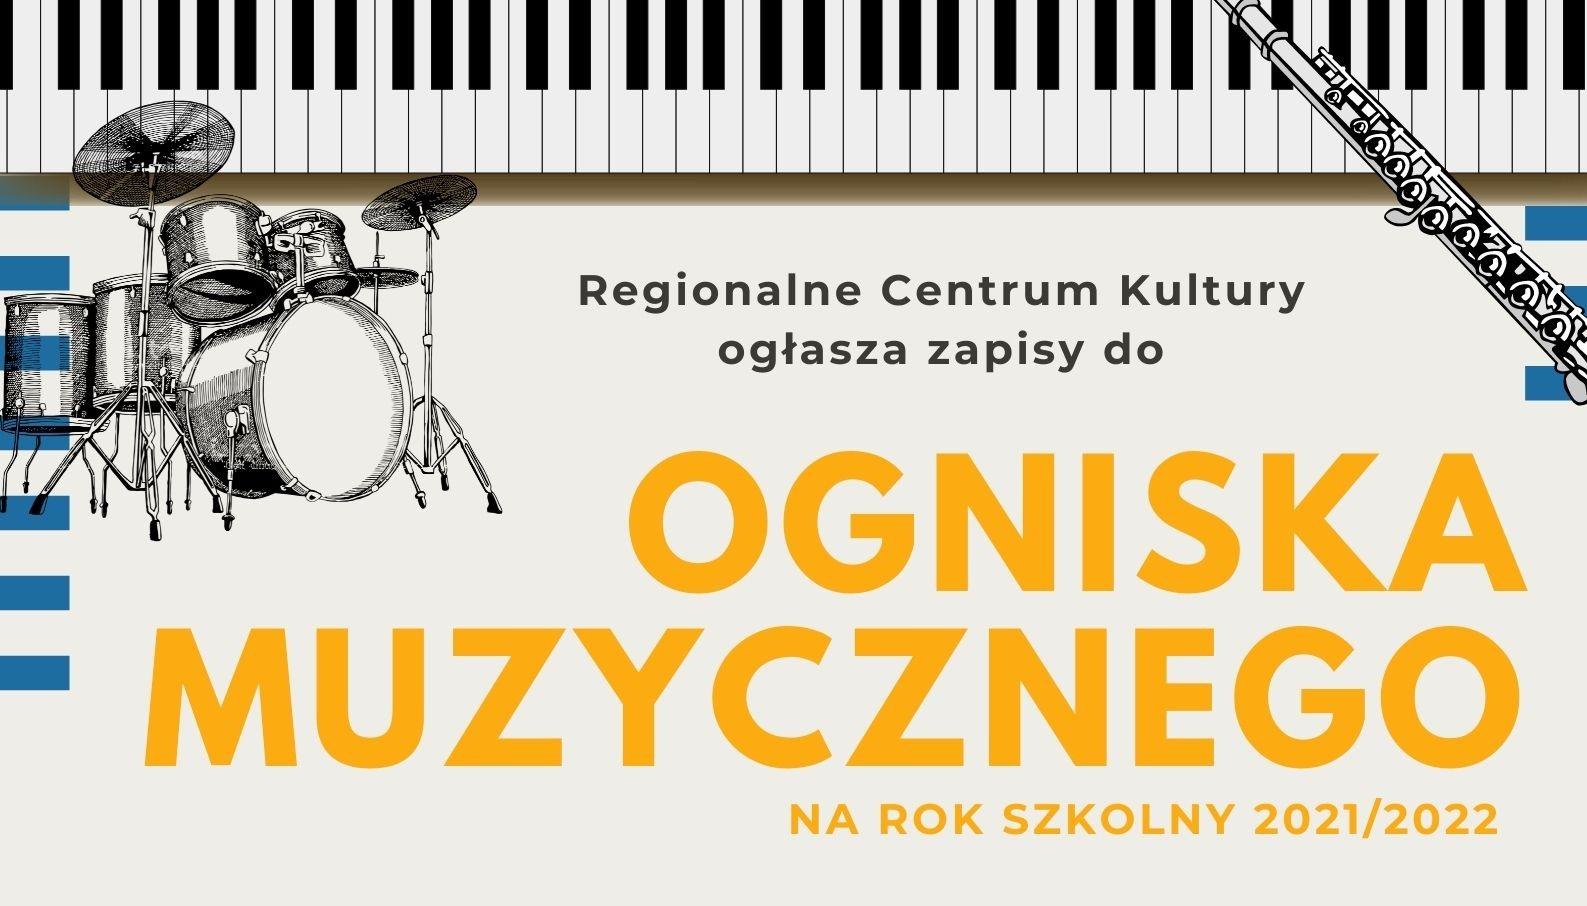 Muzyczne zajęcia w Ognisku Muzycznym od września. Trwają zapisy